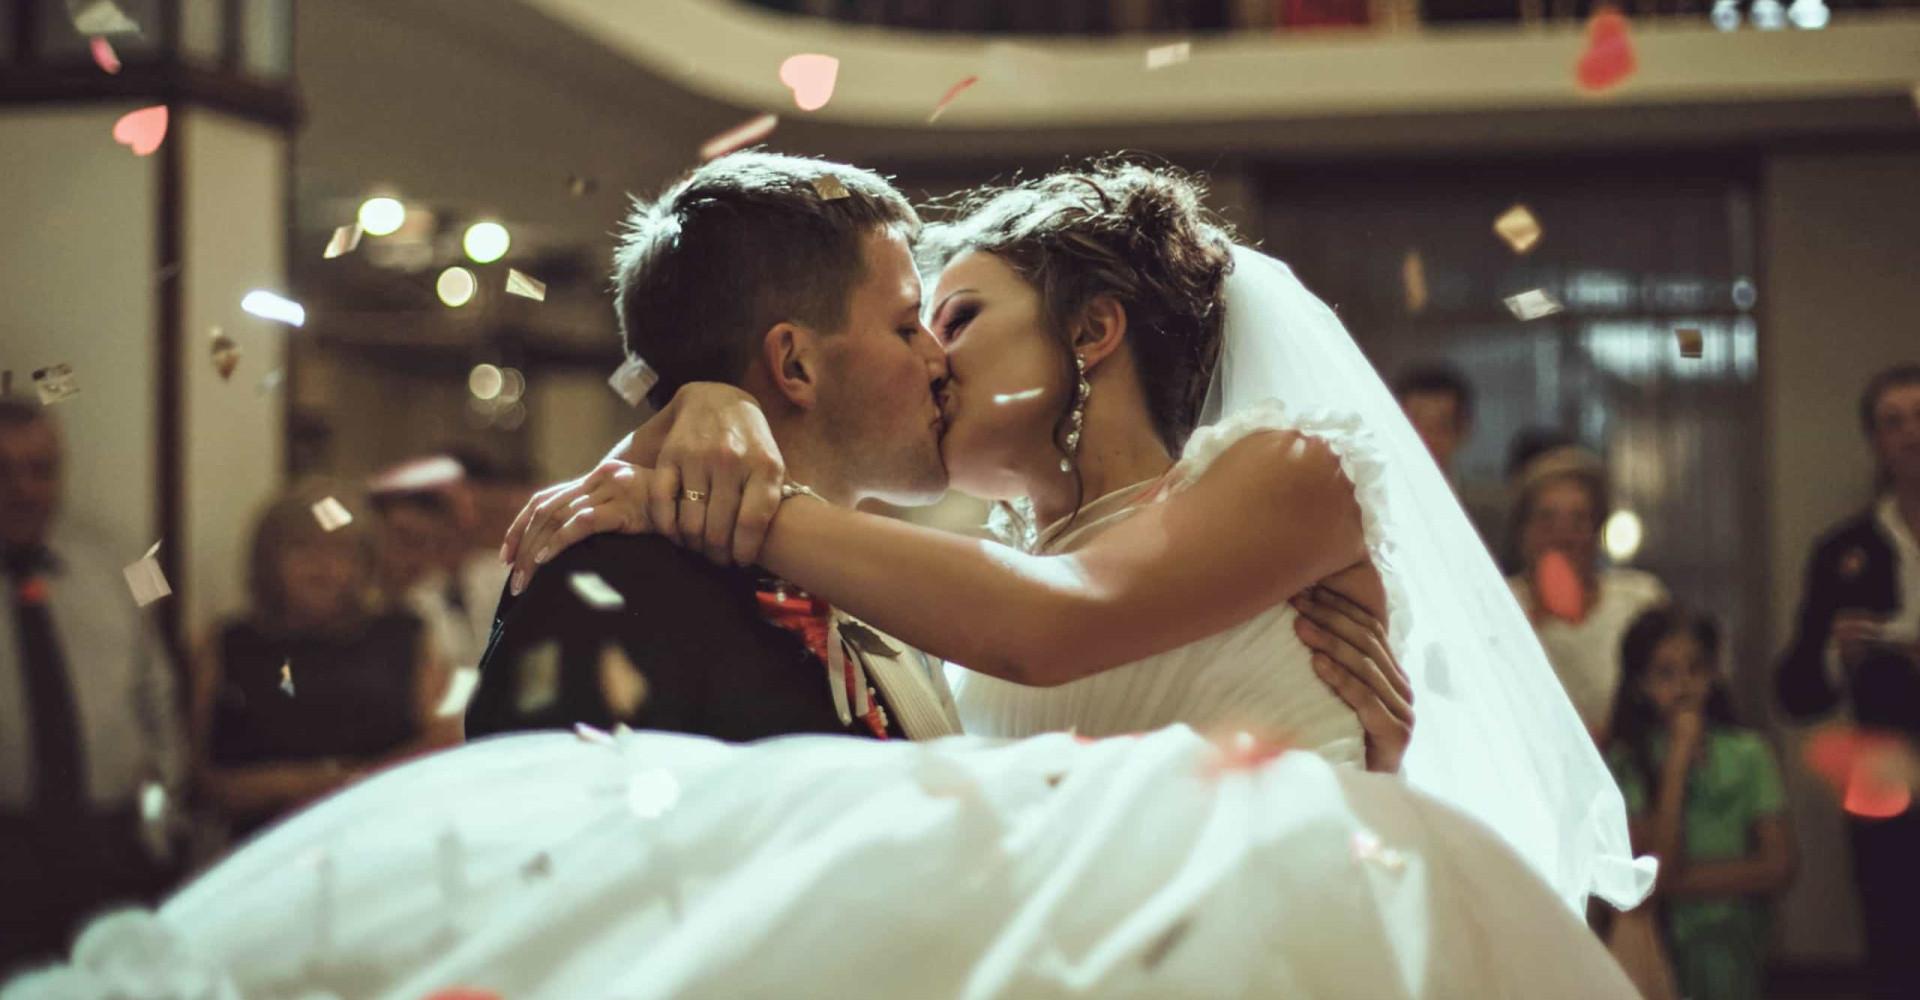 Bruidspaar heeft 'kusmenu' op de bruiloft